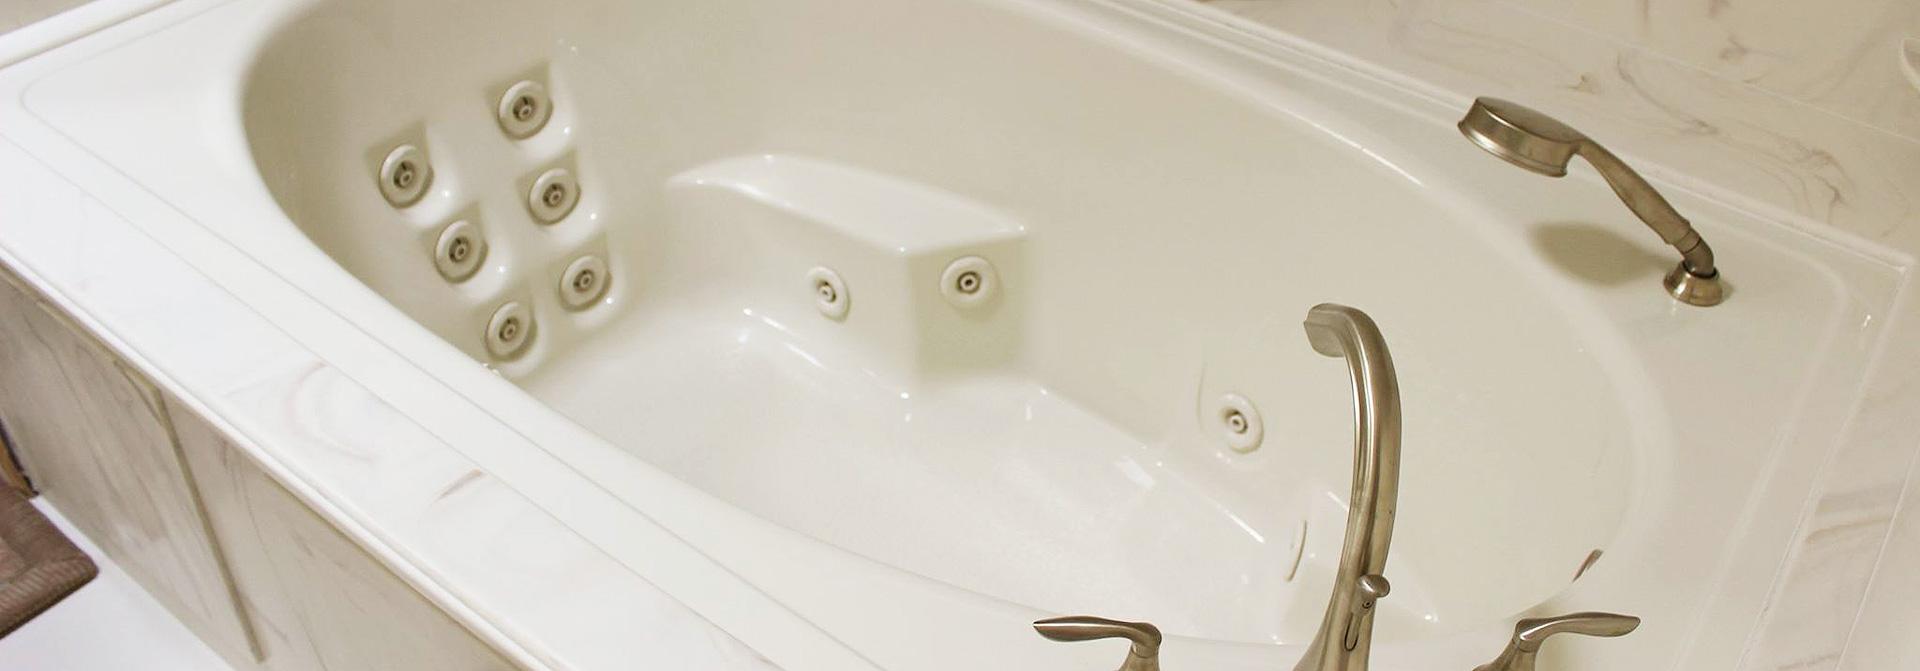 Whirlpool Bathtubs And Walk In Bath Systems